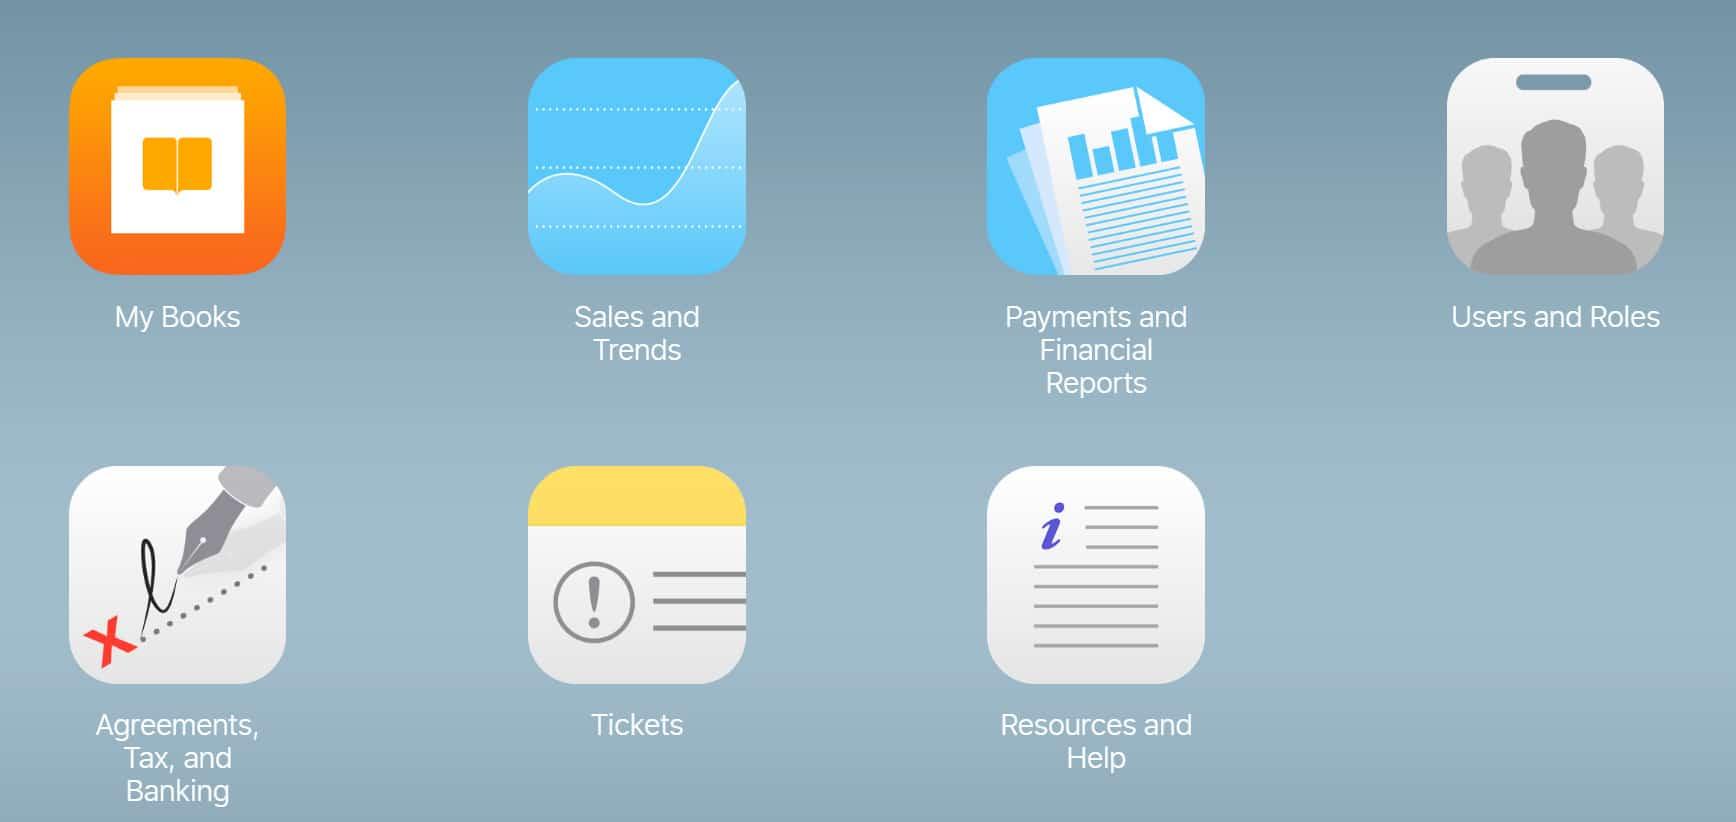 Discount your ebook on iTunes - iTunes dasboard